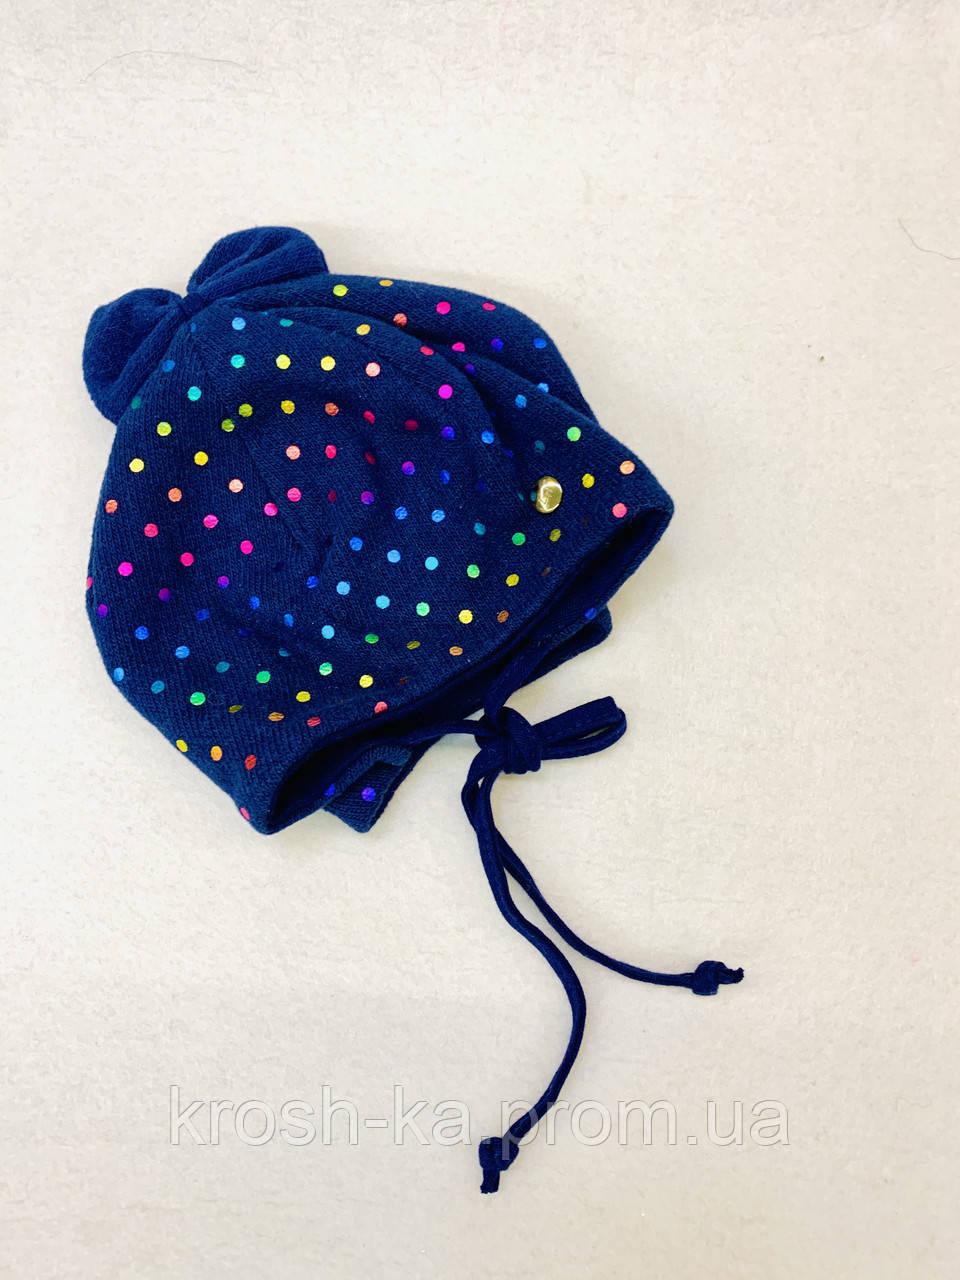 Шапка для девочки (45)р трикотажная синий Broel Польша Blair